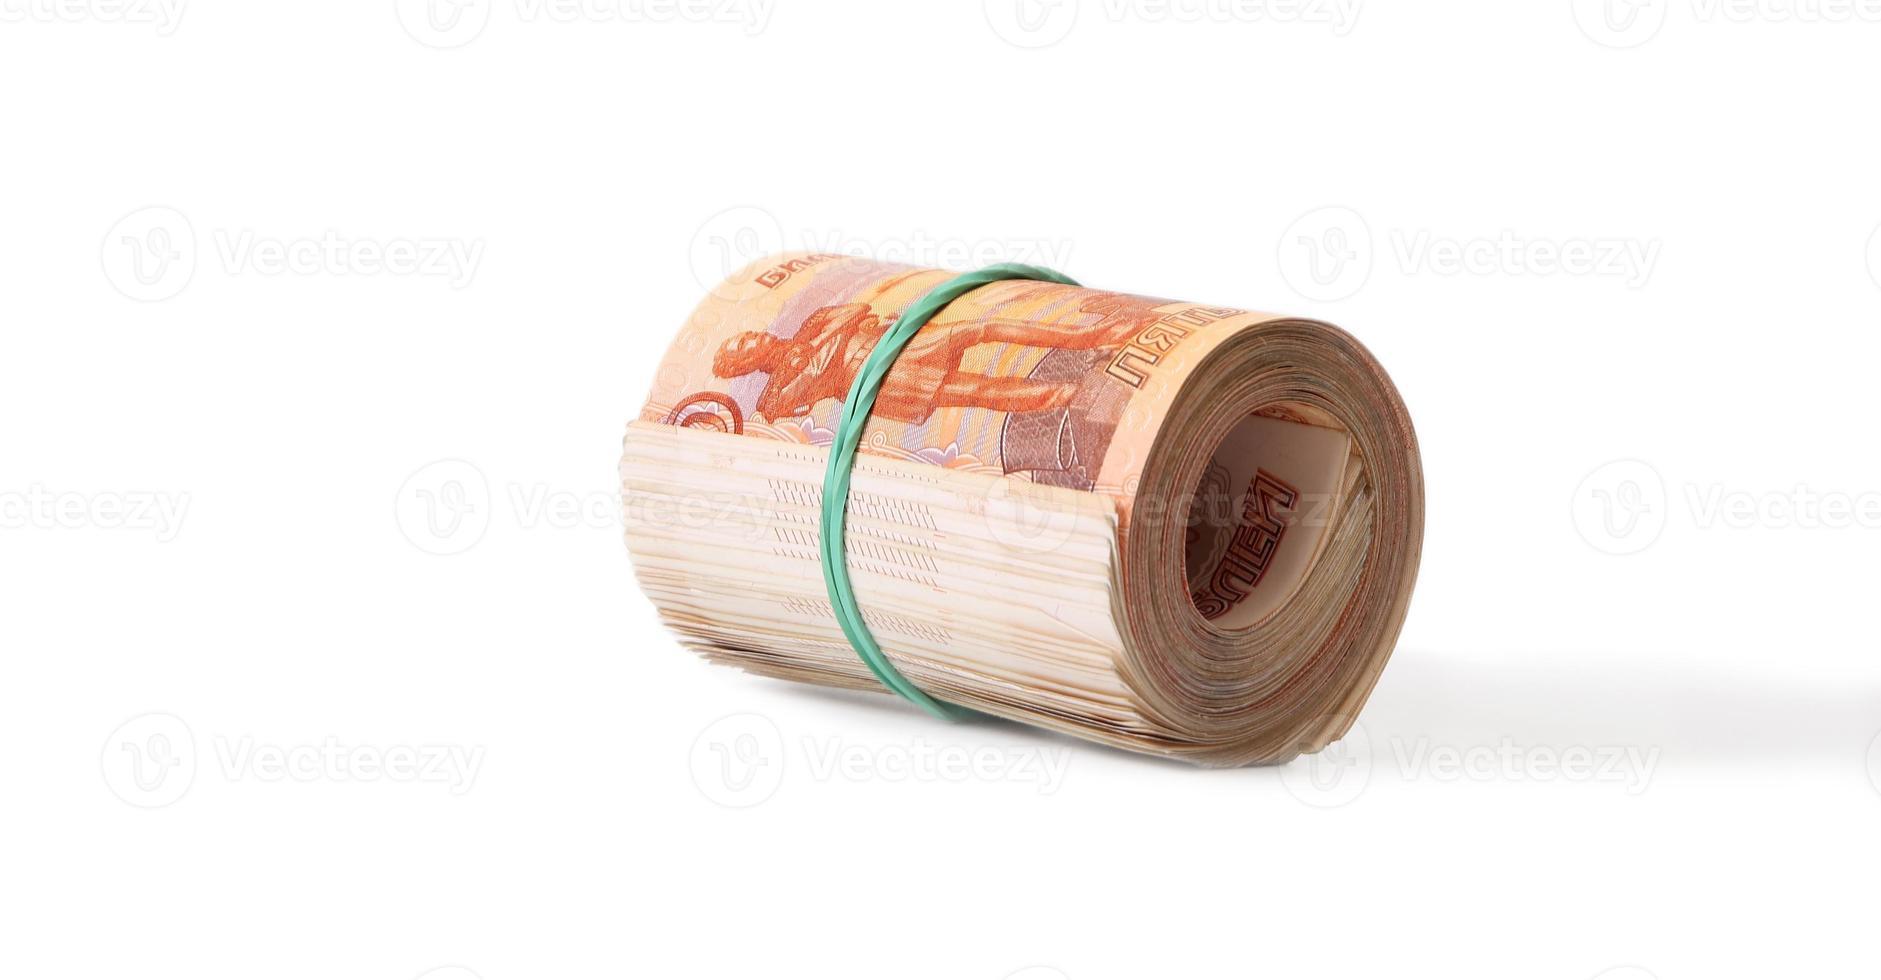 Nahaufnahme der russischen Banknoten. fünftausend Rubelnoten foto